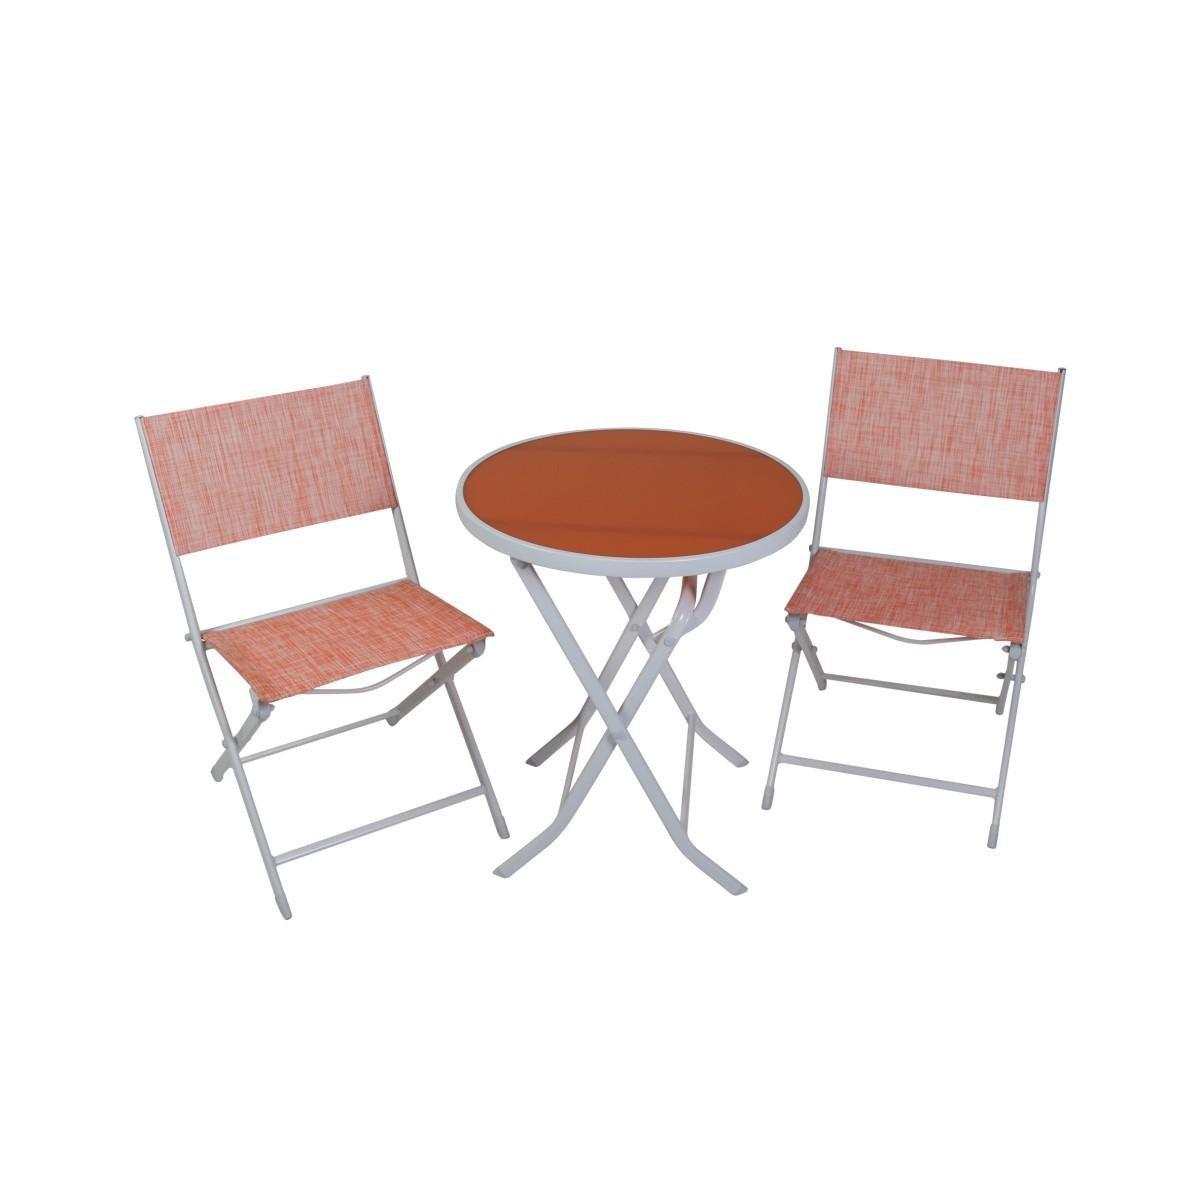 Balkonset, 2x Stuhl, 1x Tisch bestellen